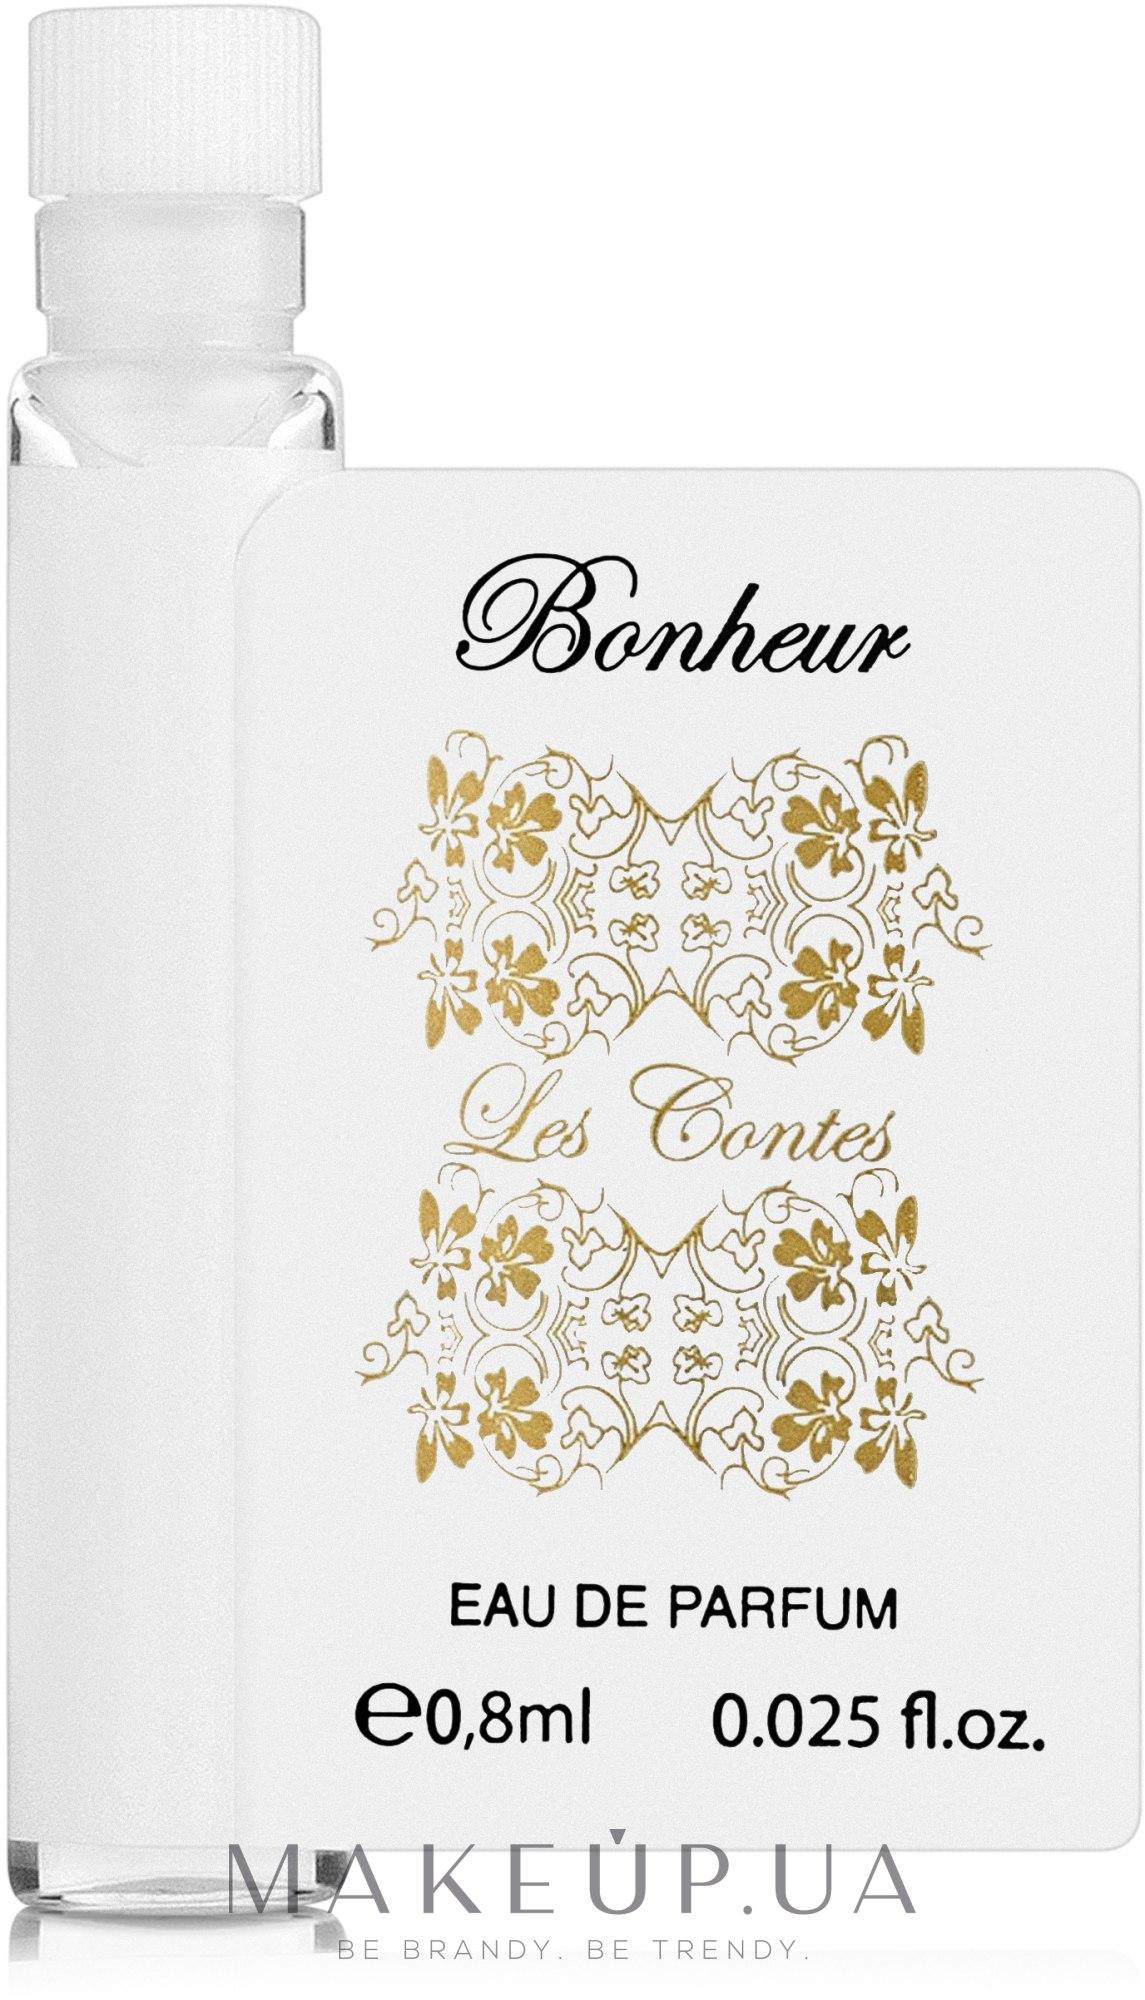 Les Contes Bonheur - Парфюмированная вода (пробник) — фото 0.8ml